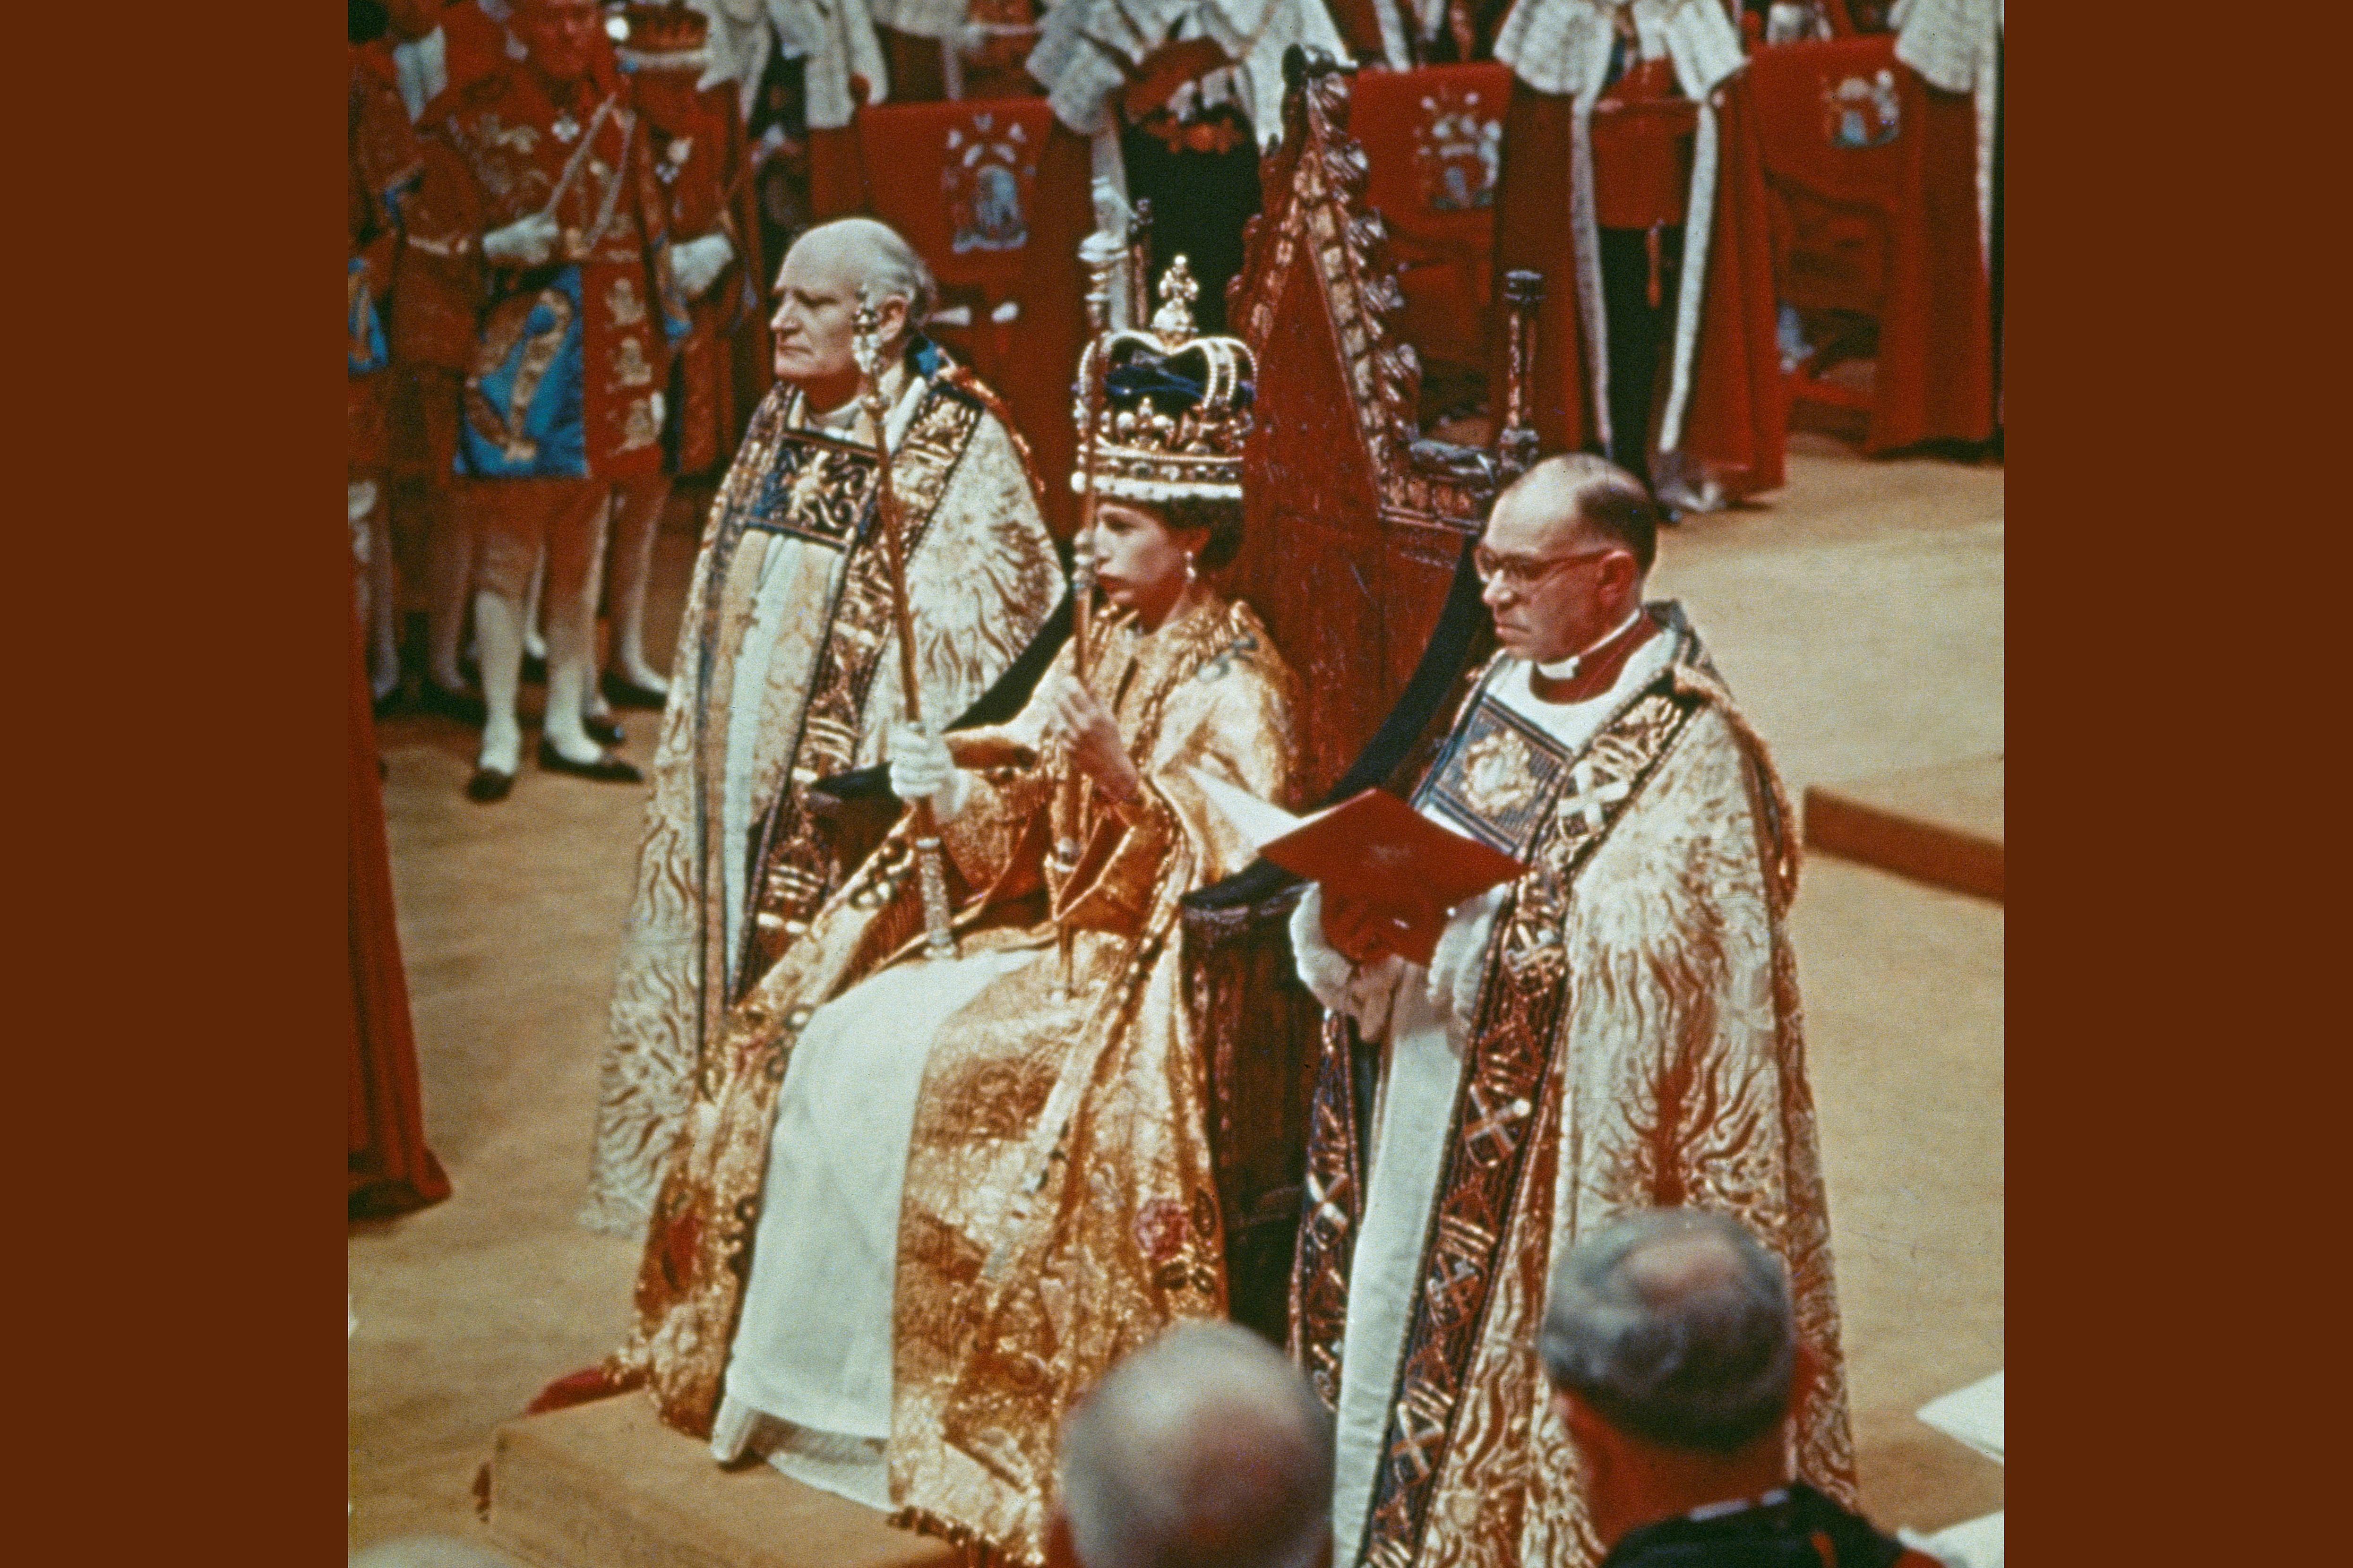 Coronation of Queen Elizabeth II, 1953